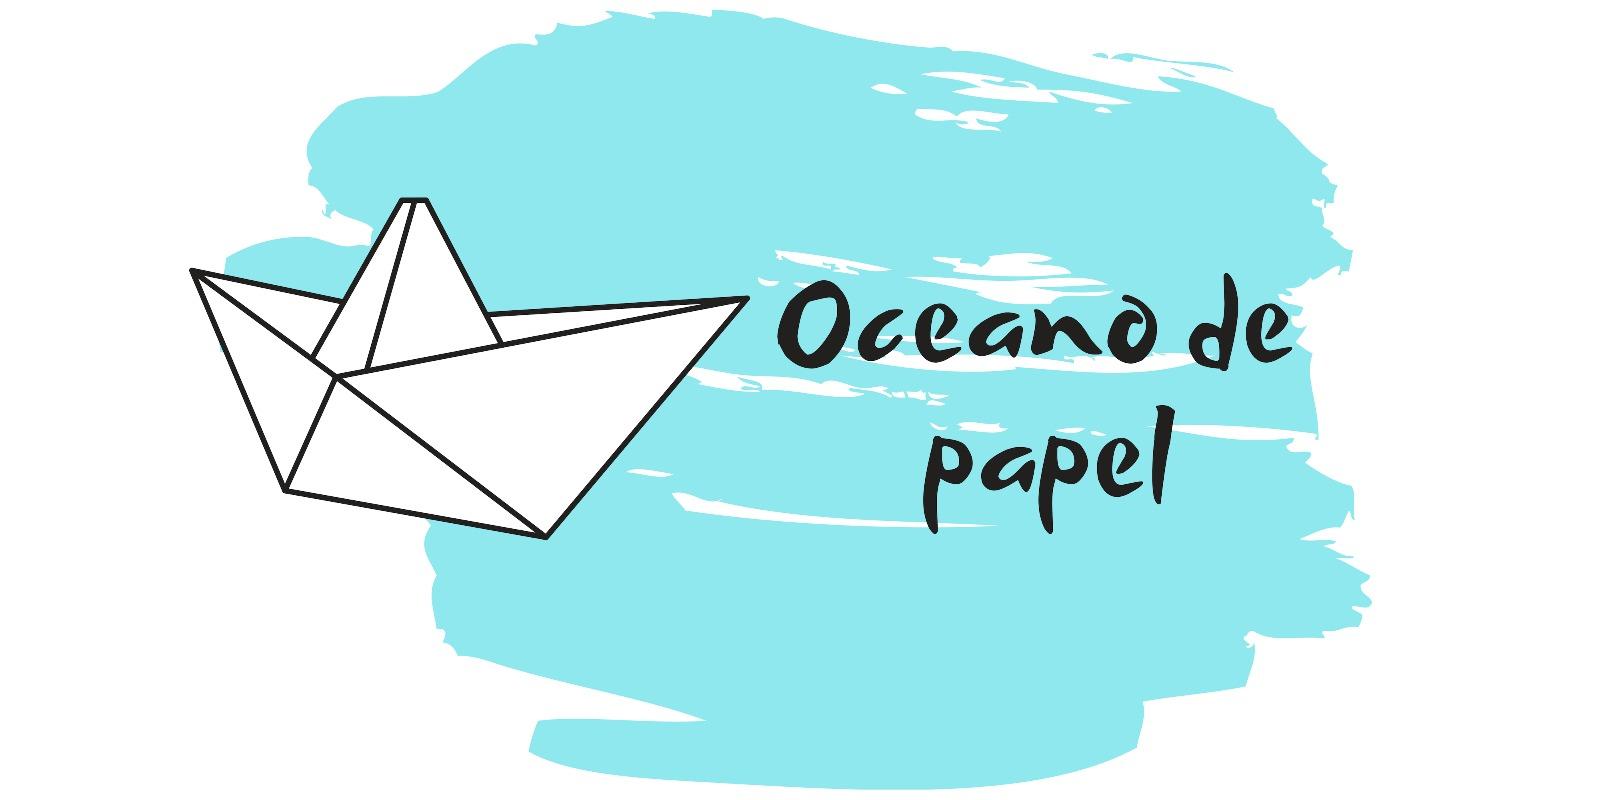 Oceano de Papel